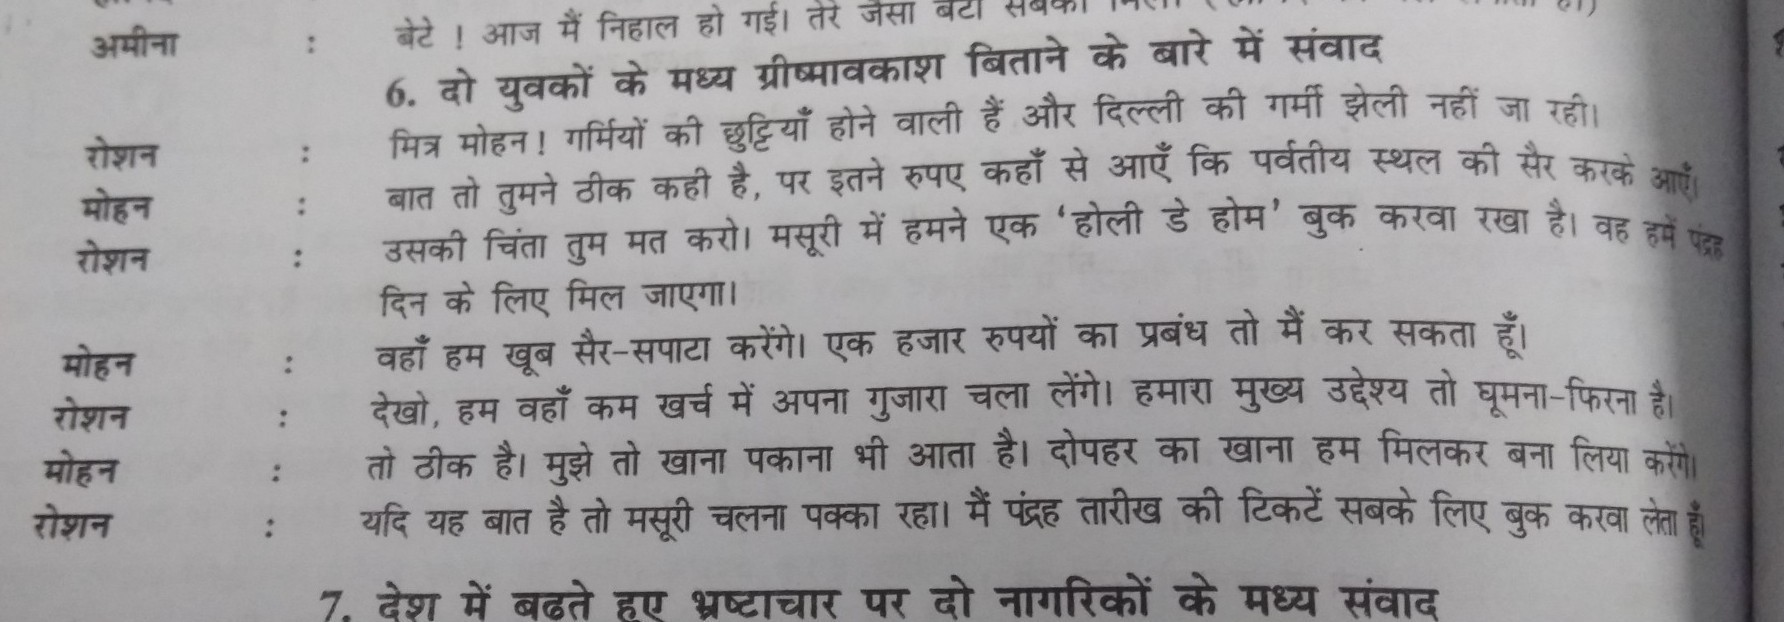 Samvad lekhan in hindi between two friends - Brainly in